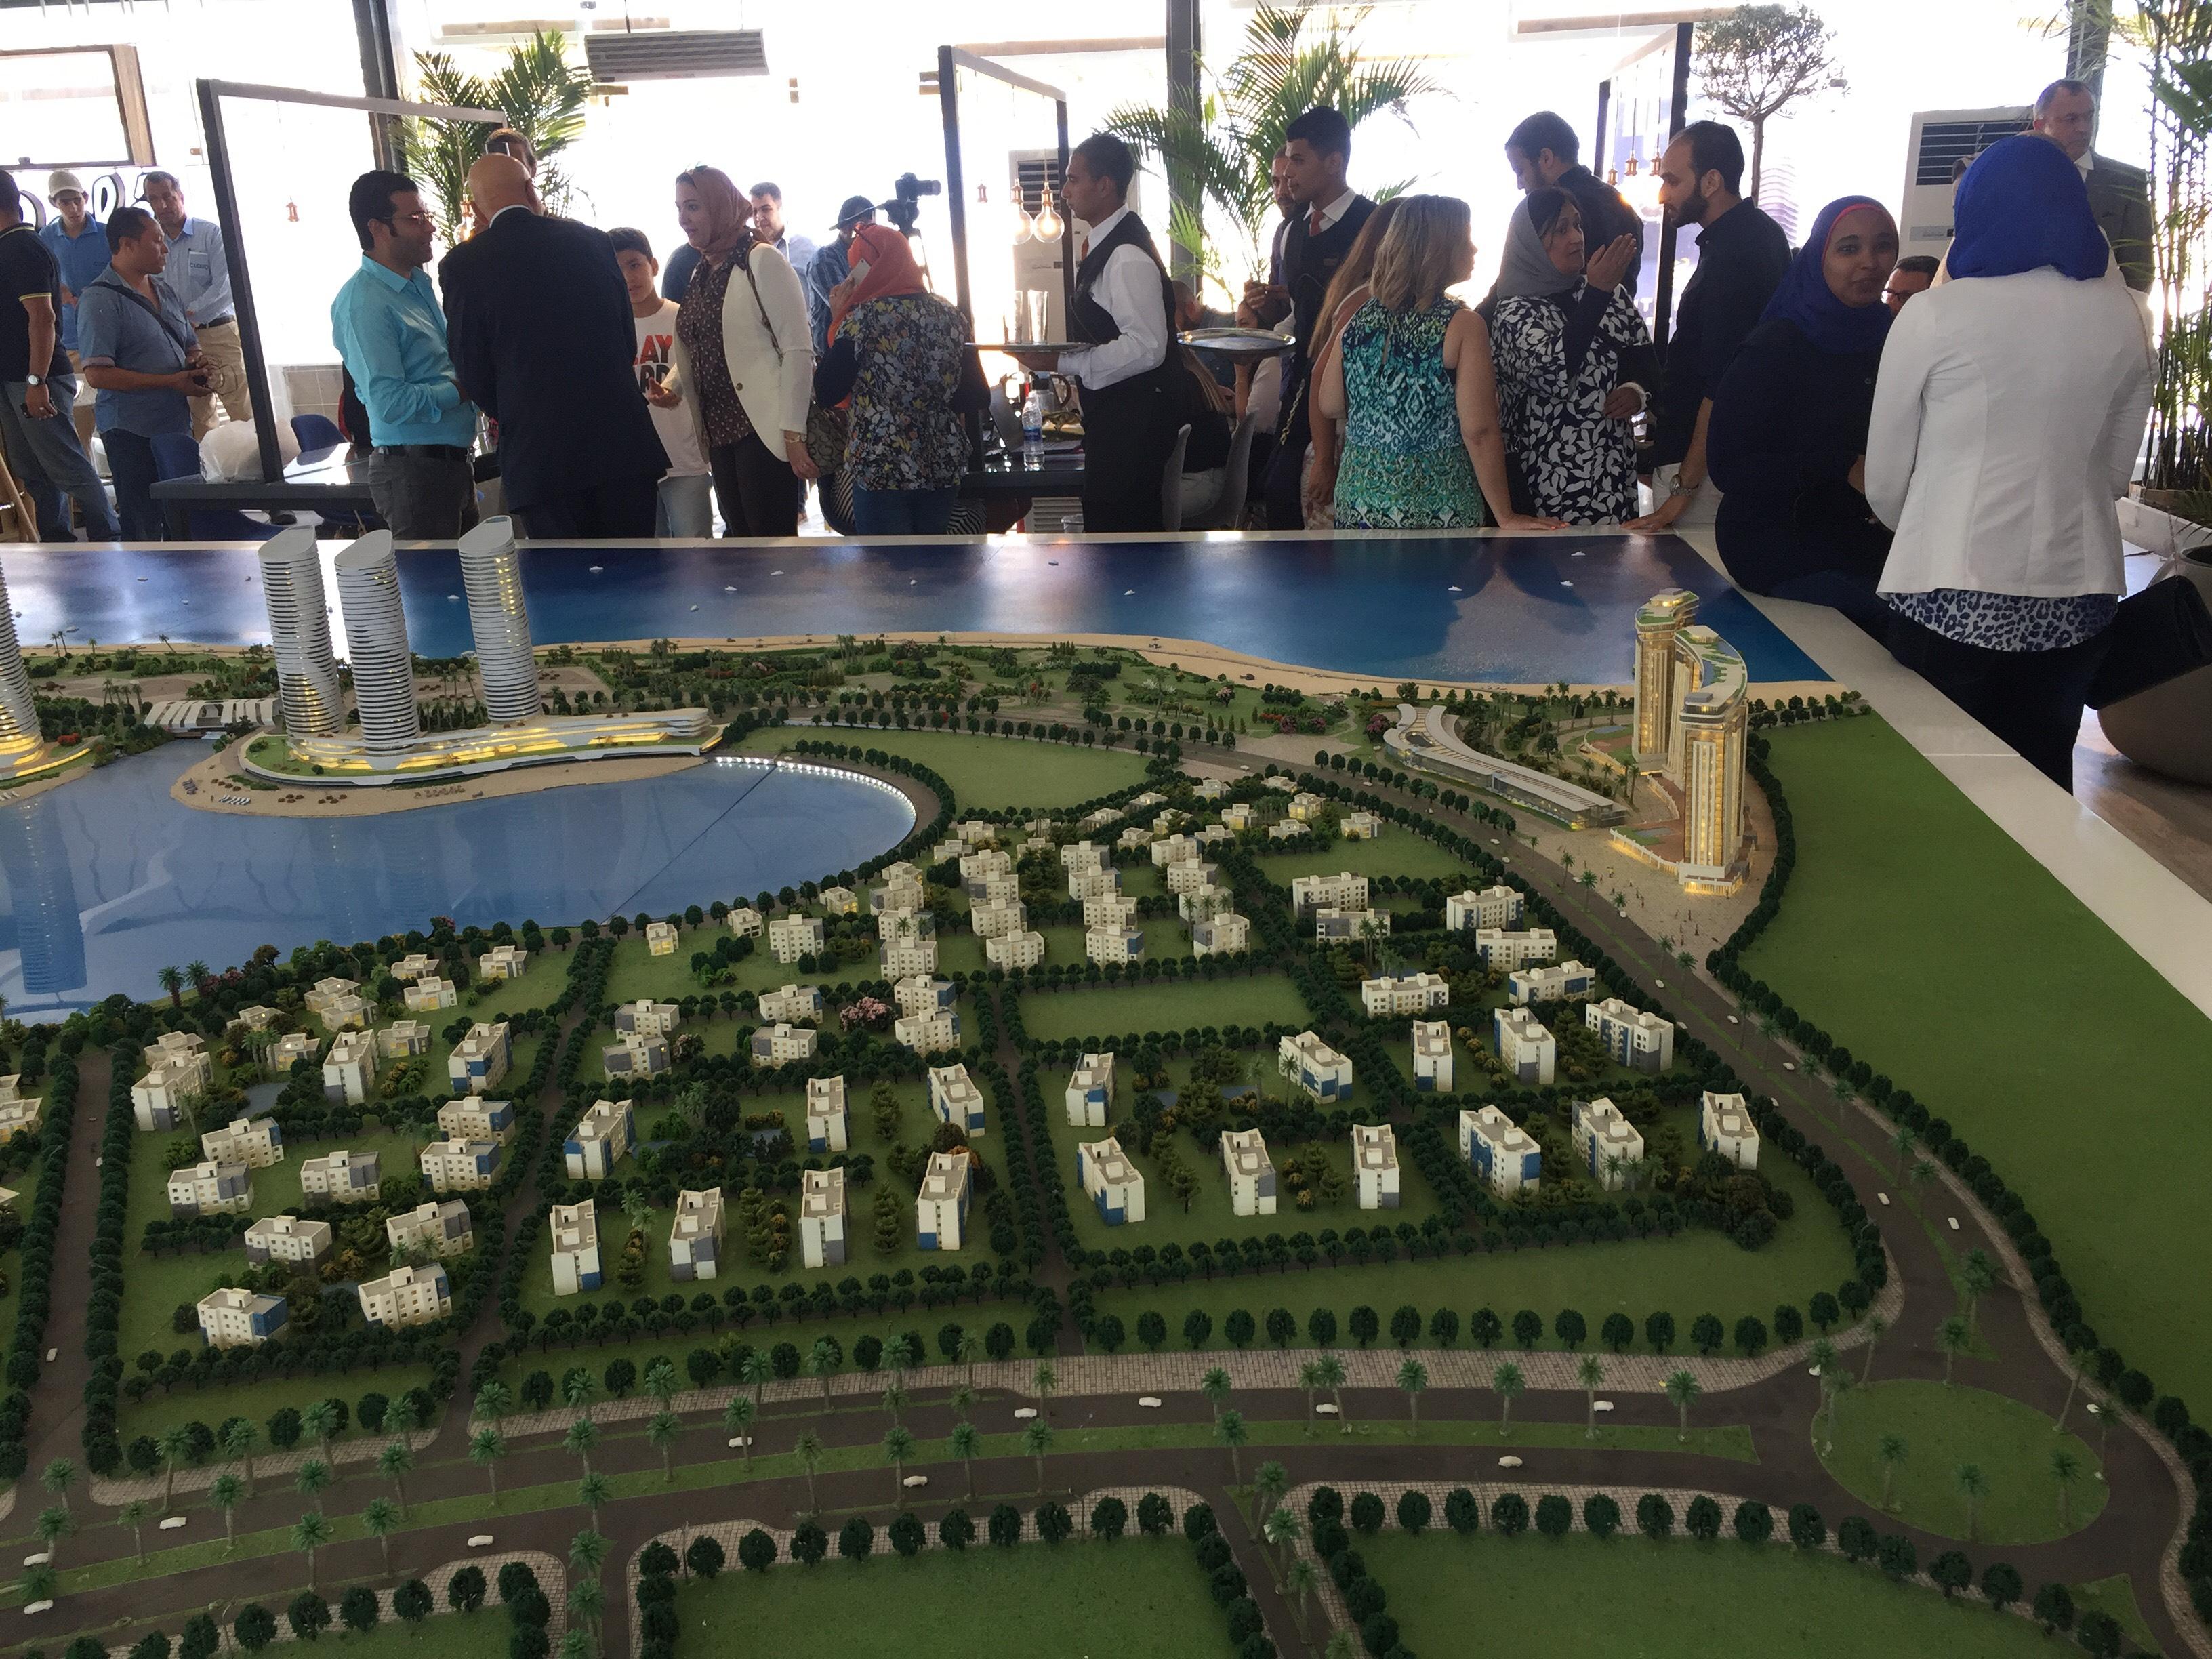 مؤتمر للاعلان عن تفاصيل تسويق ابراج مدينة العلمين الجديدة (3)